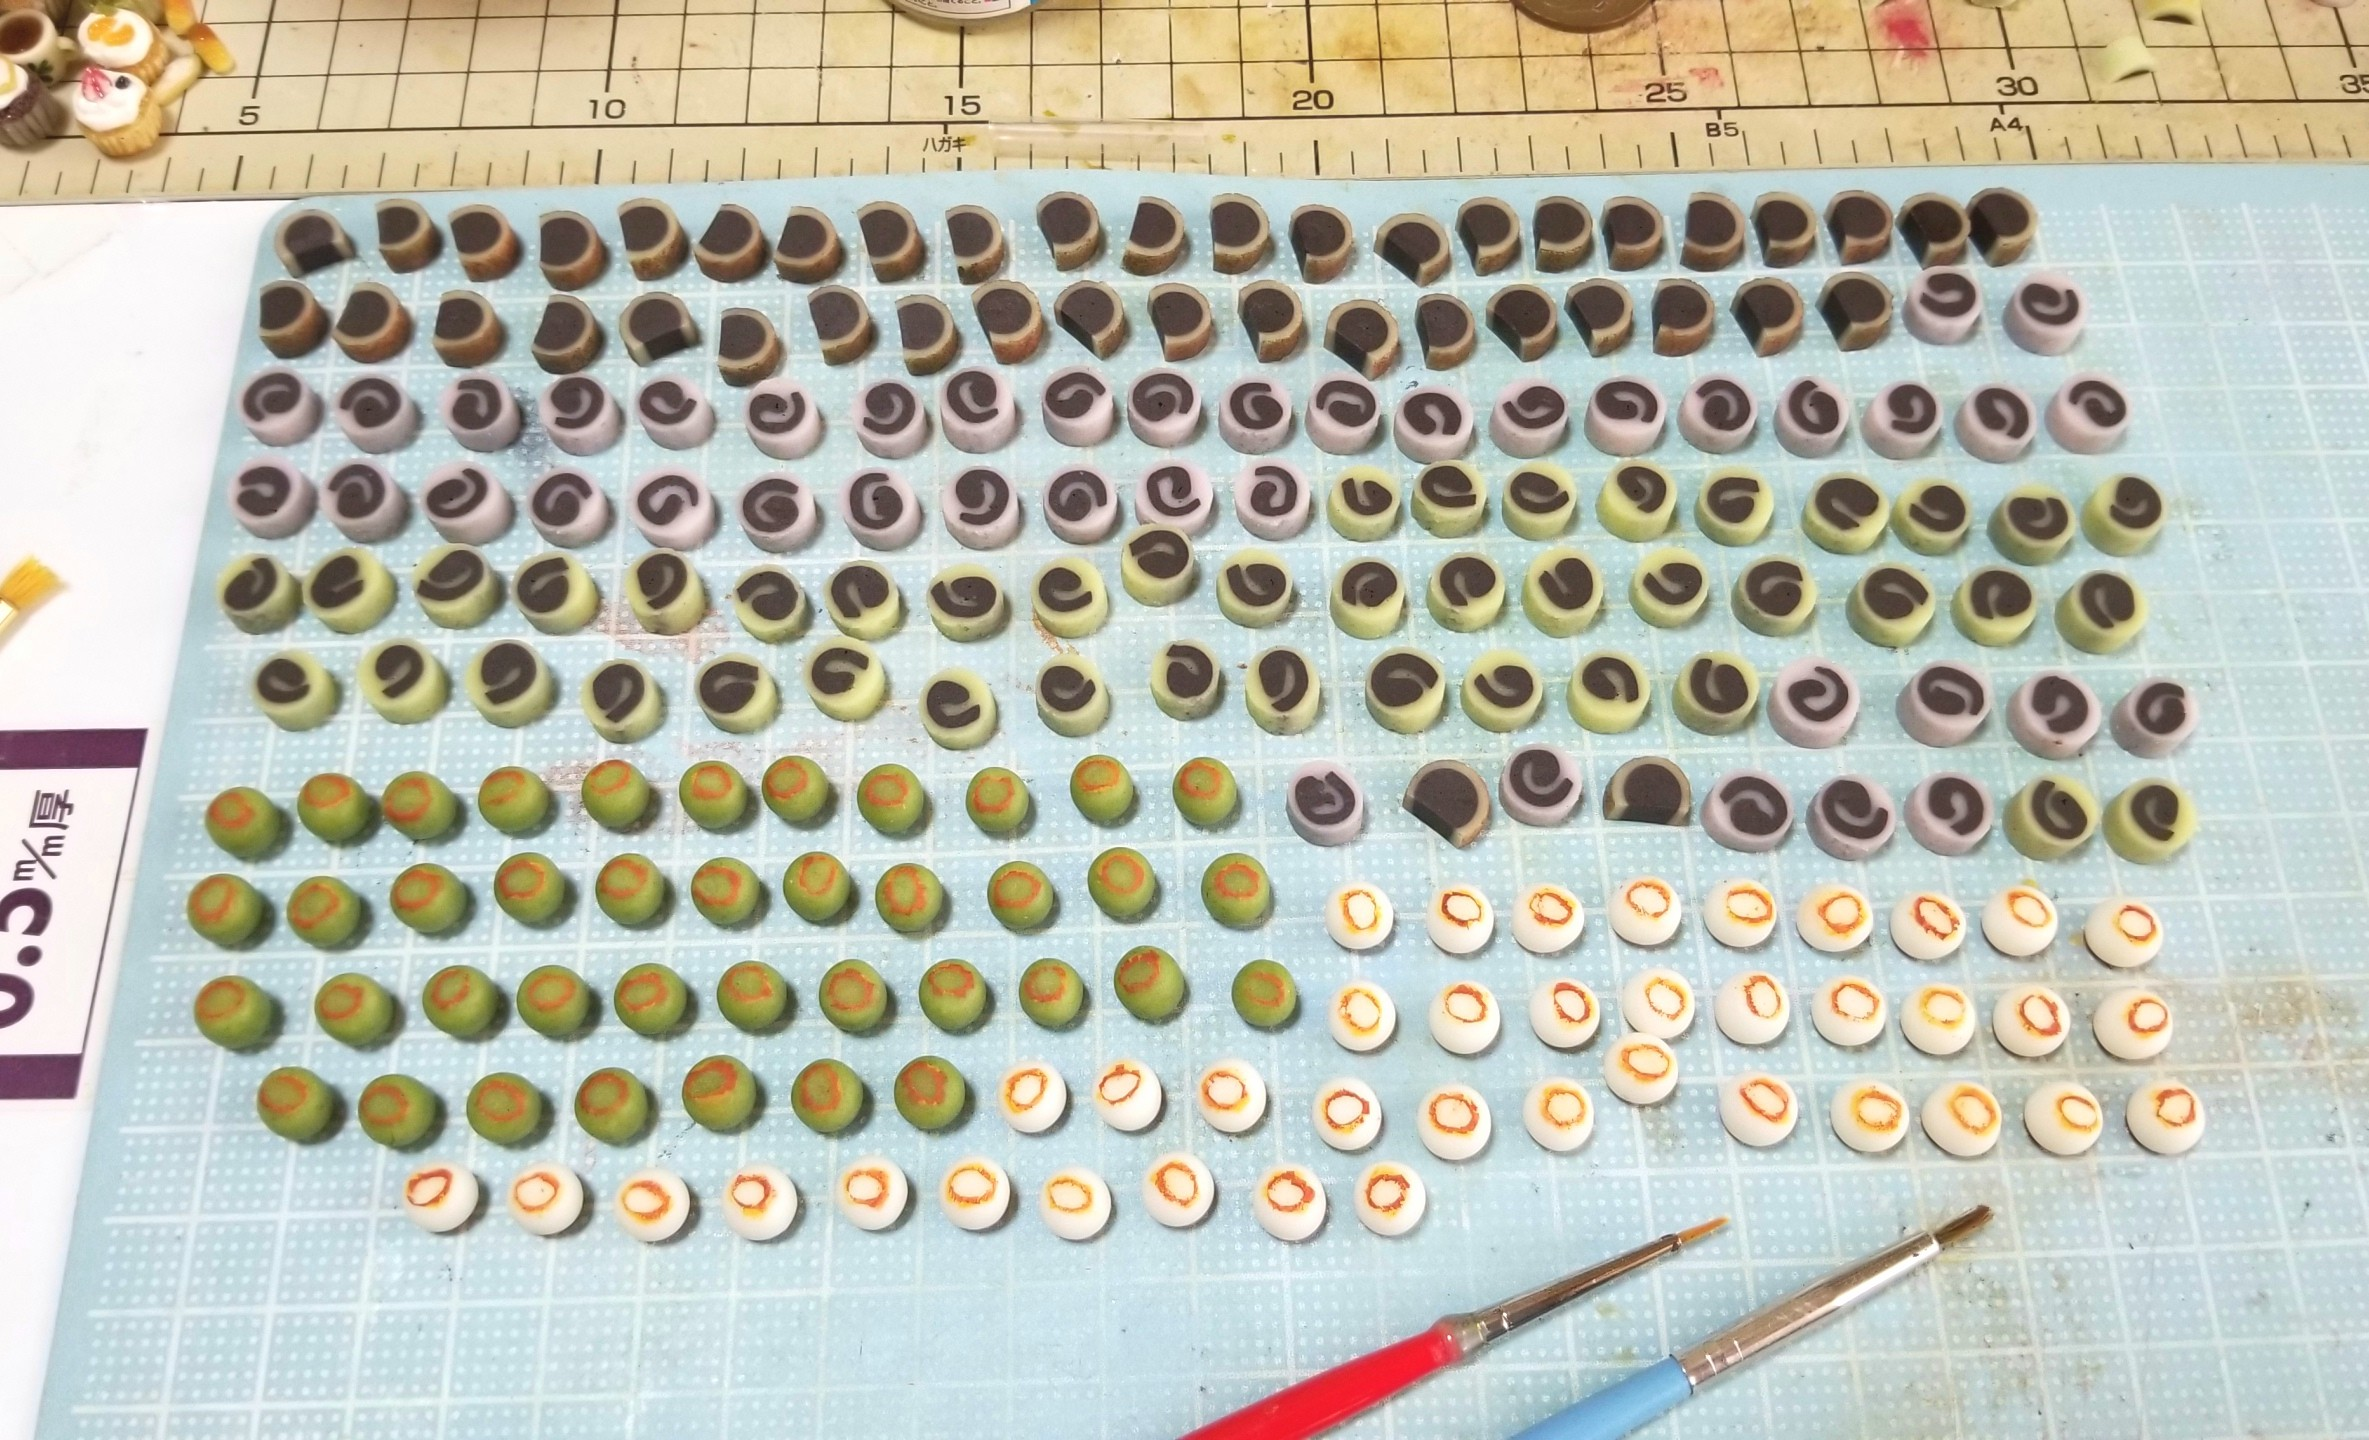 ミニチュア,和菓子,ニス塗り,樹脂粘土,食品サンプル,ハンドメイド